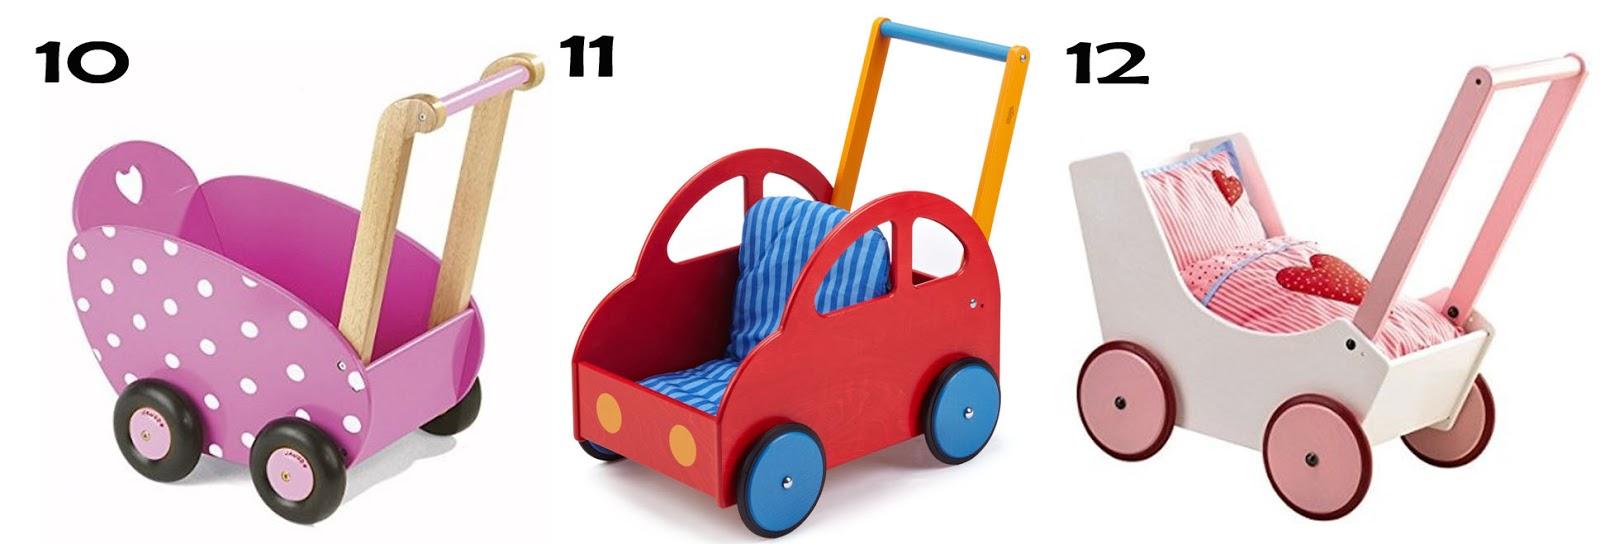 con los andadores se apoyan y se ayudan para caminar los podemos encontrar con actividades carretillas o asientos para llevar sus juguetes favoritos de un